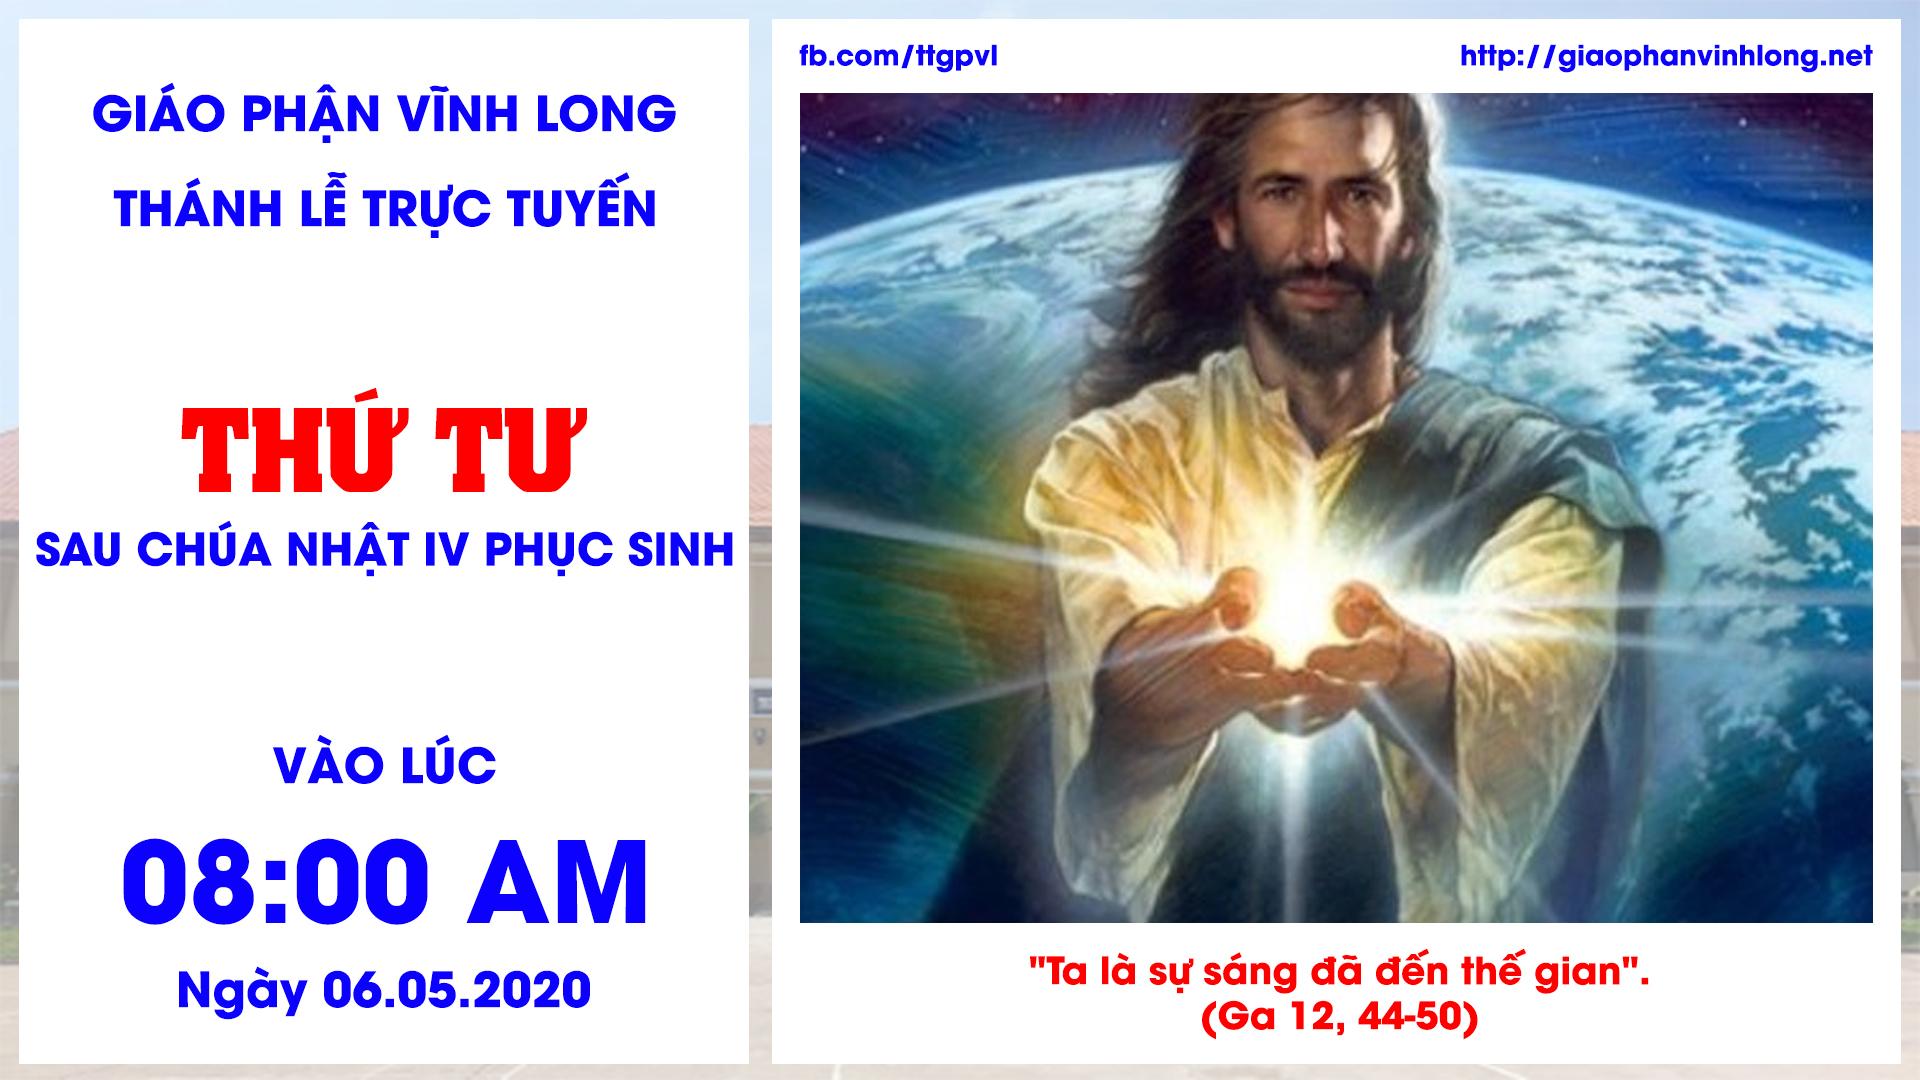 Thánh lễ trực tuyến: Thánh lễ Thứ Tư sau Chúa Nhật IV Phục Sinh - 06.05.2020